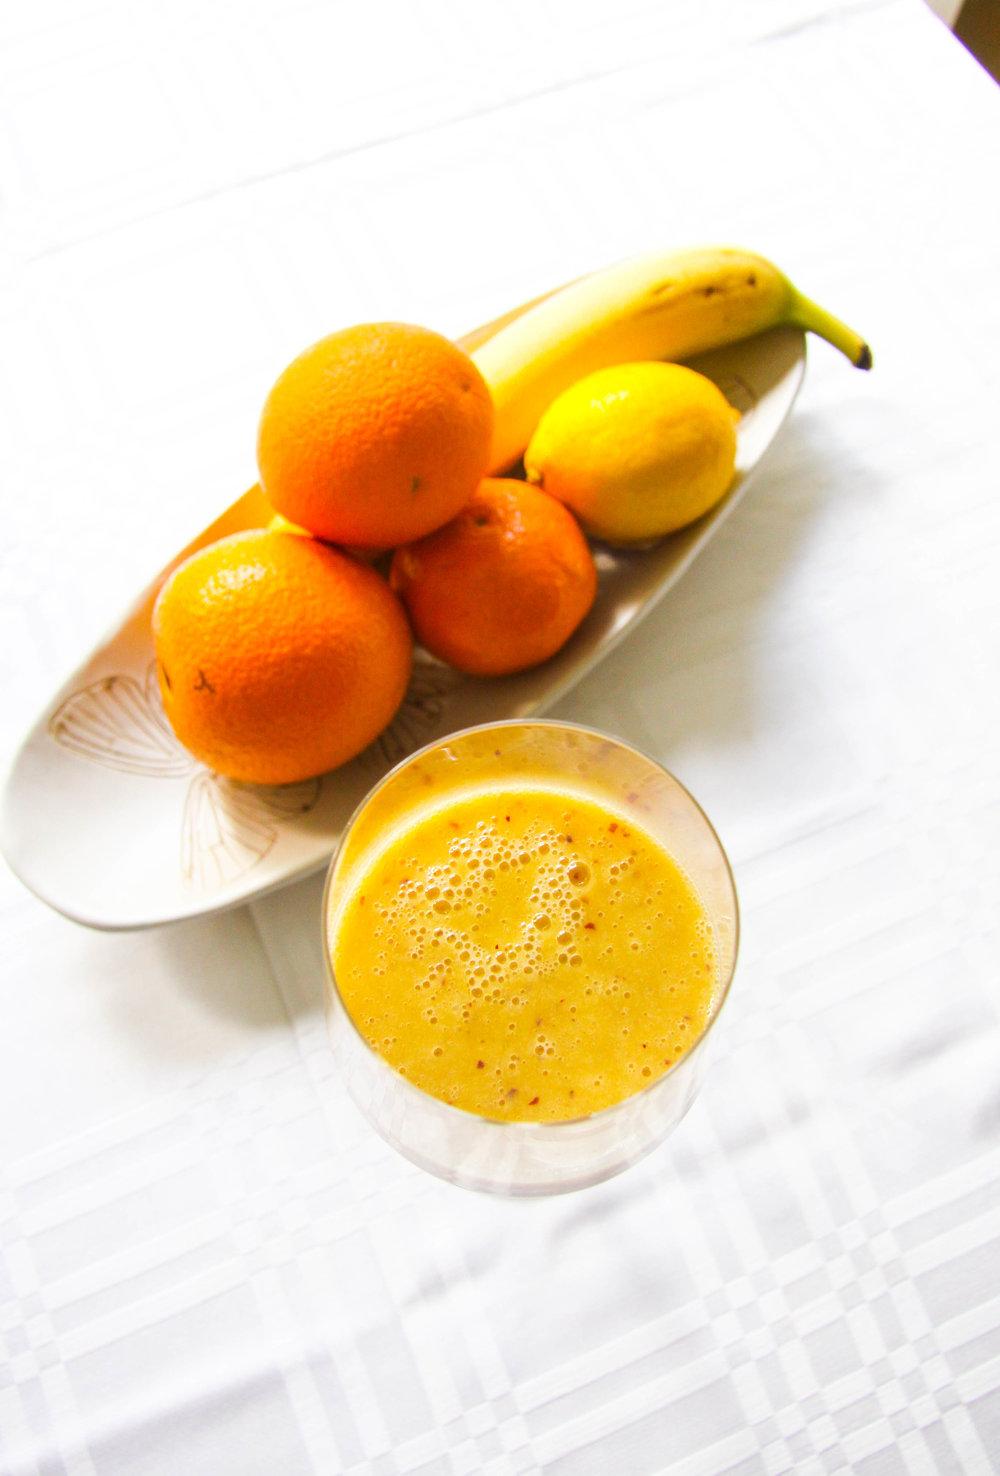 Vegansk smoothie med apelsin och kokos.